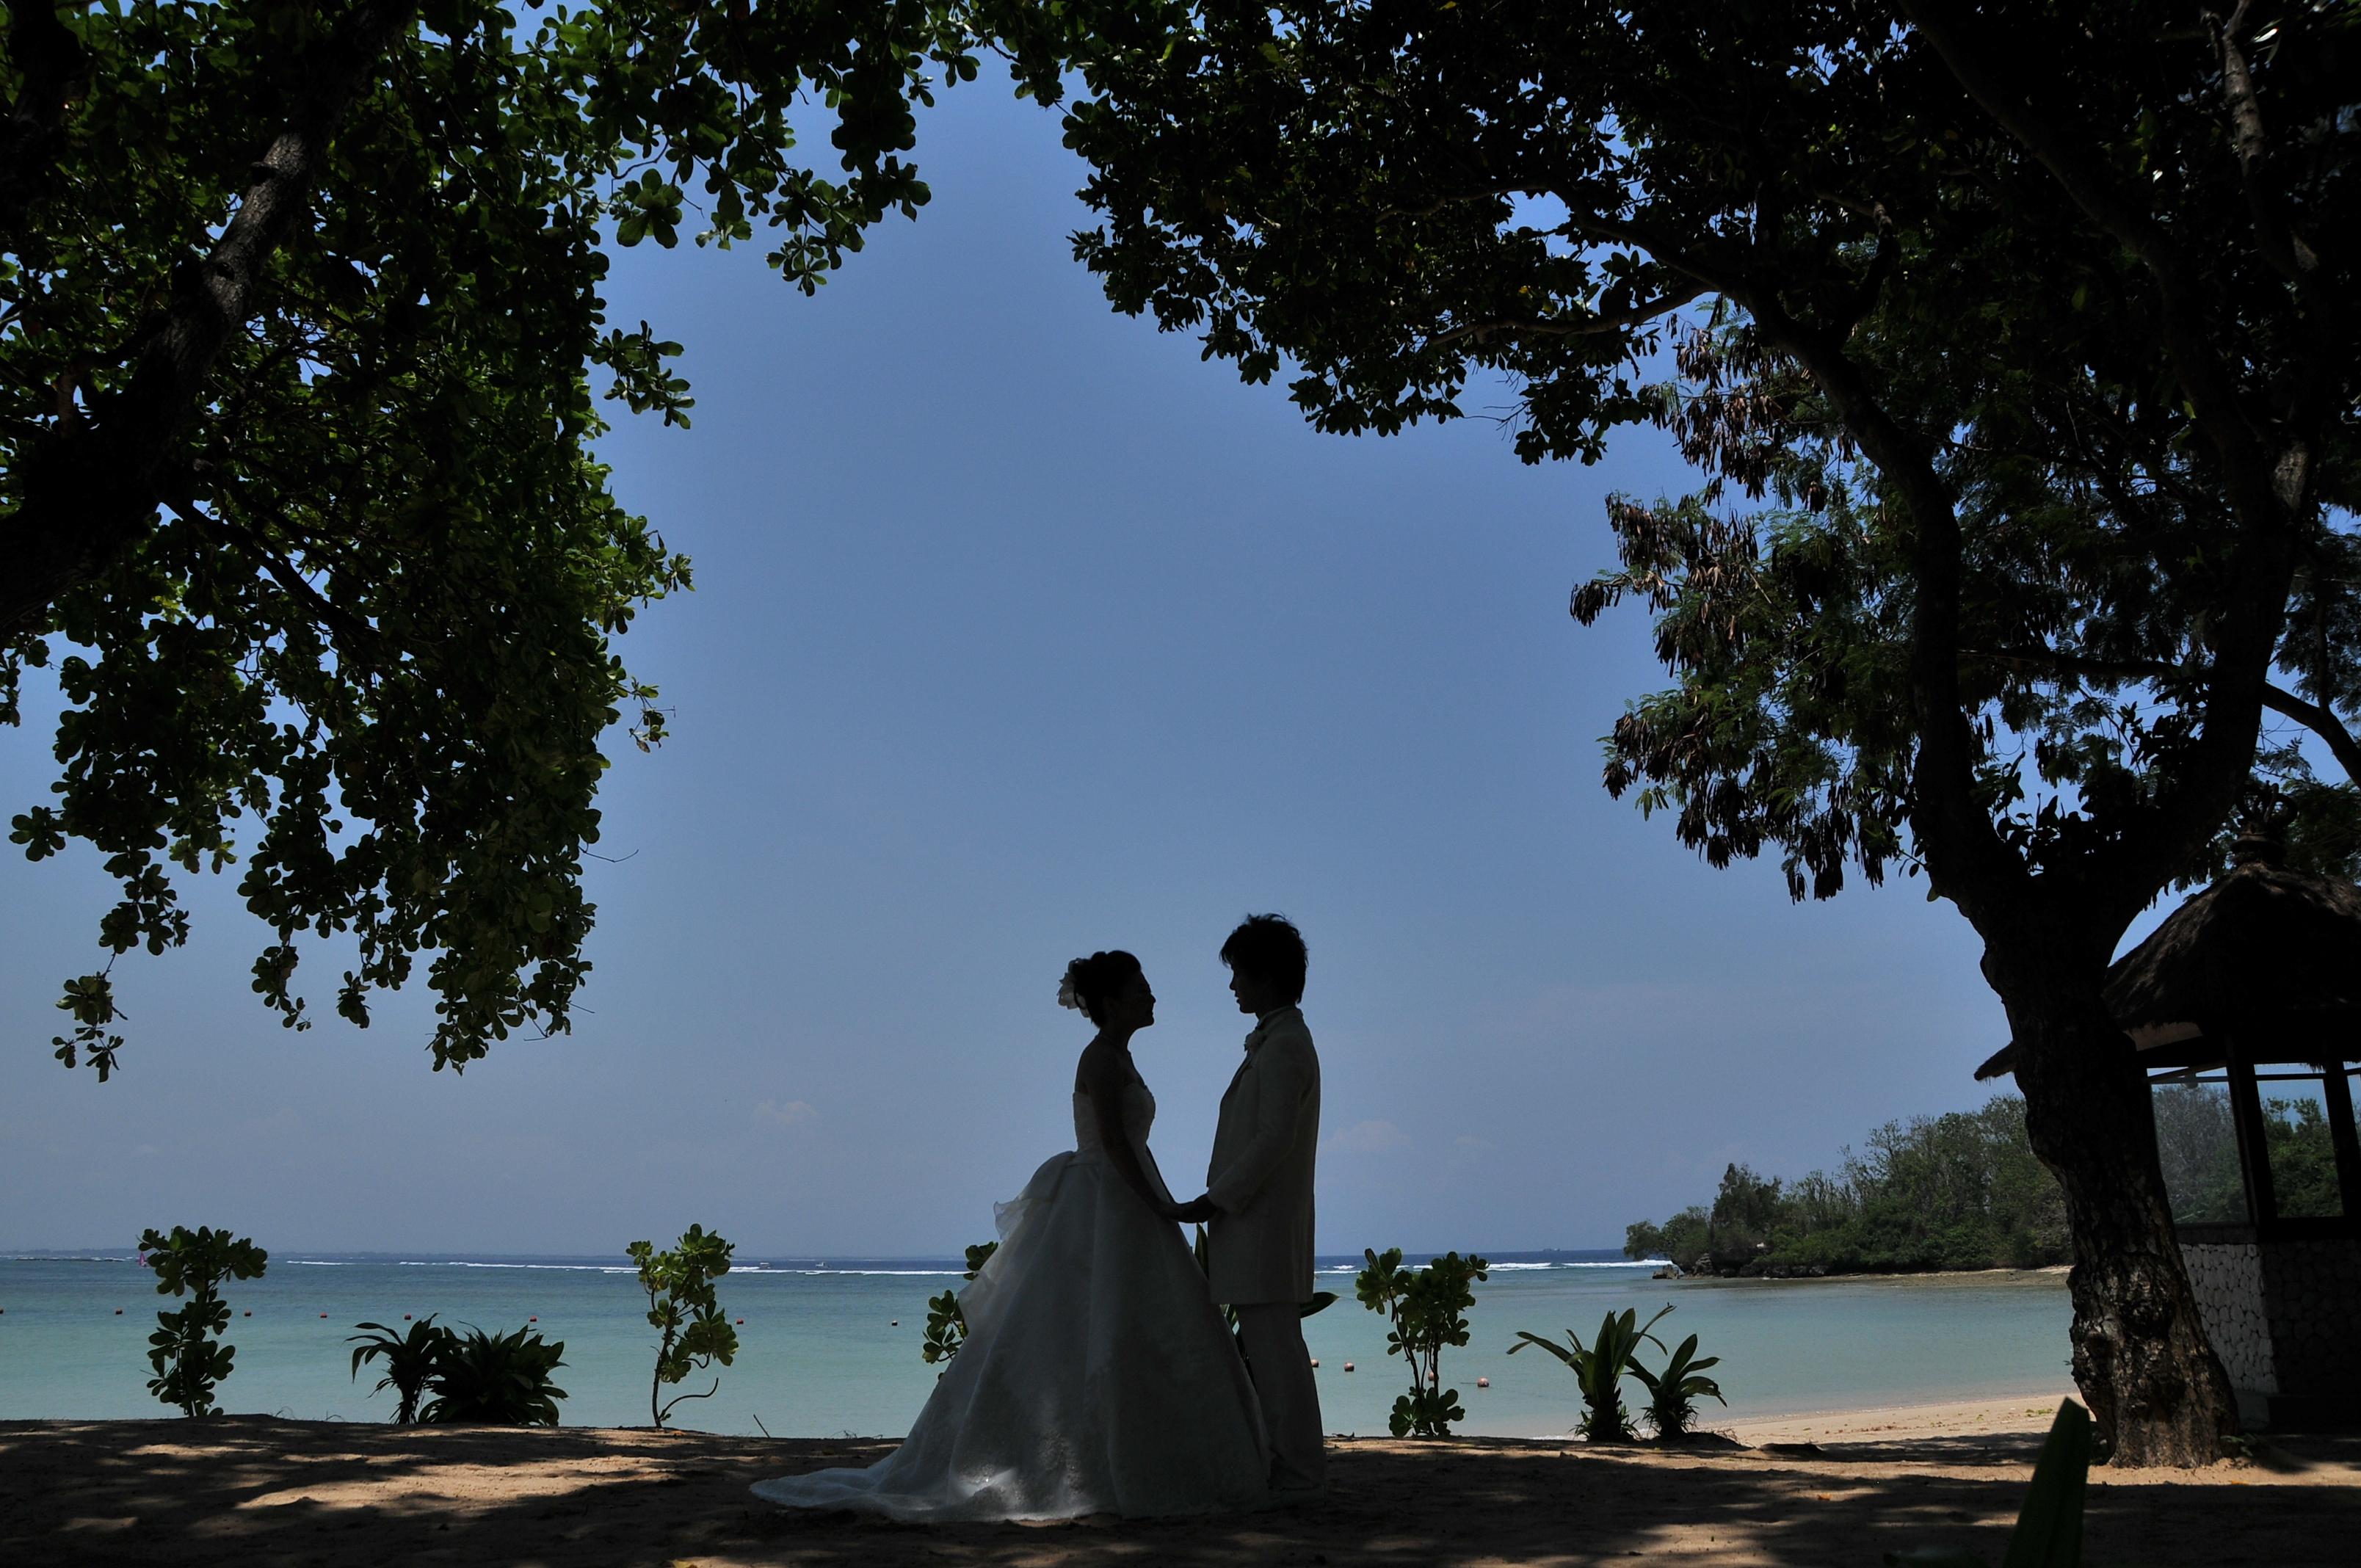 バリ島挙式 ヌサドゥア教会&トゥガルジャヤ宮殿 Wウエディング K様